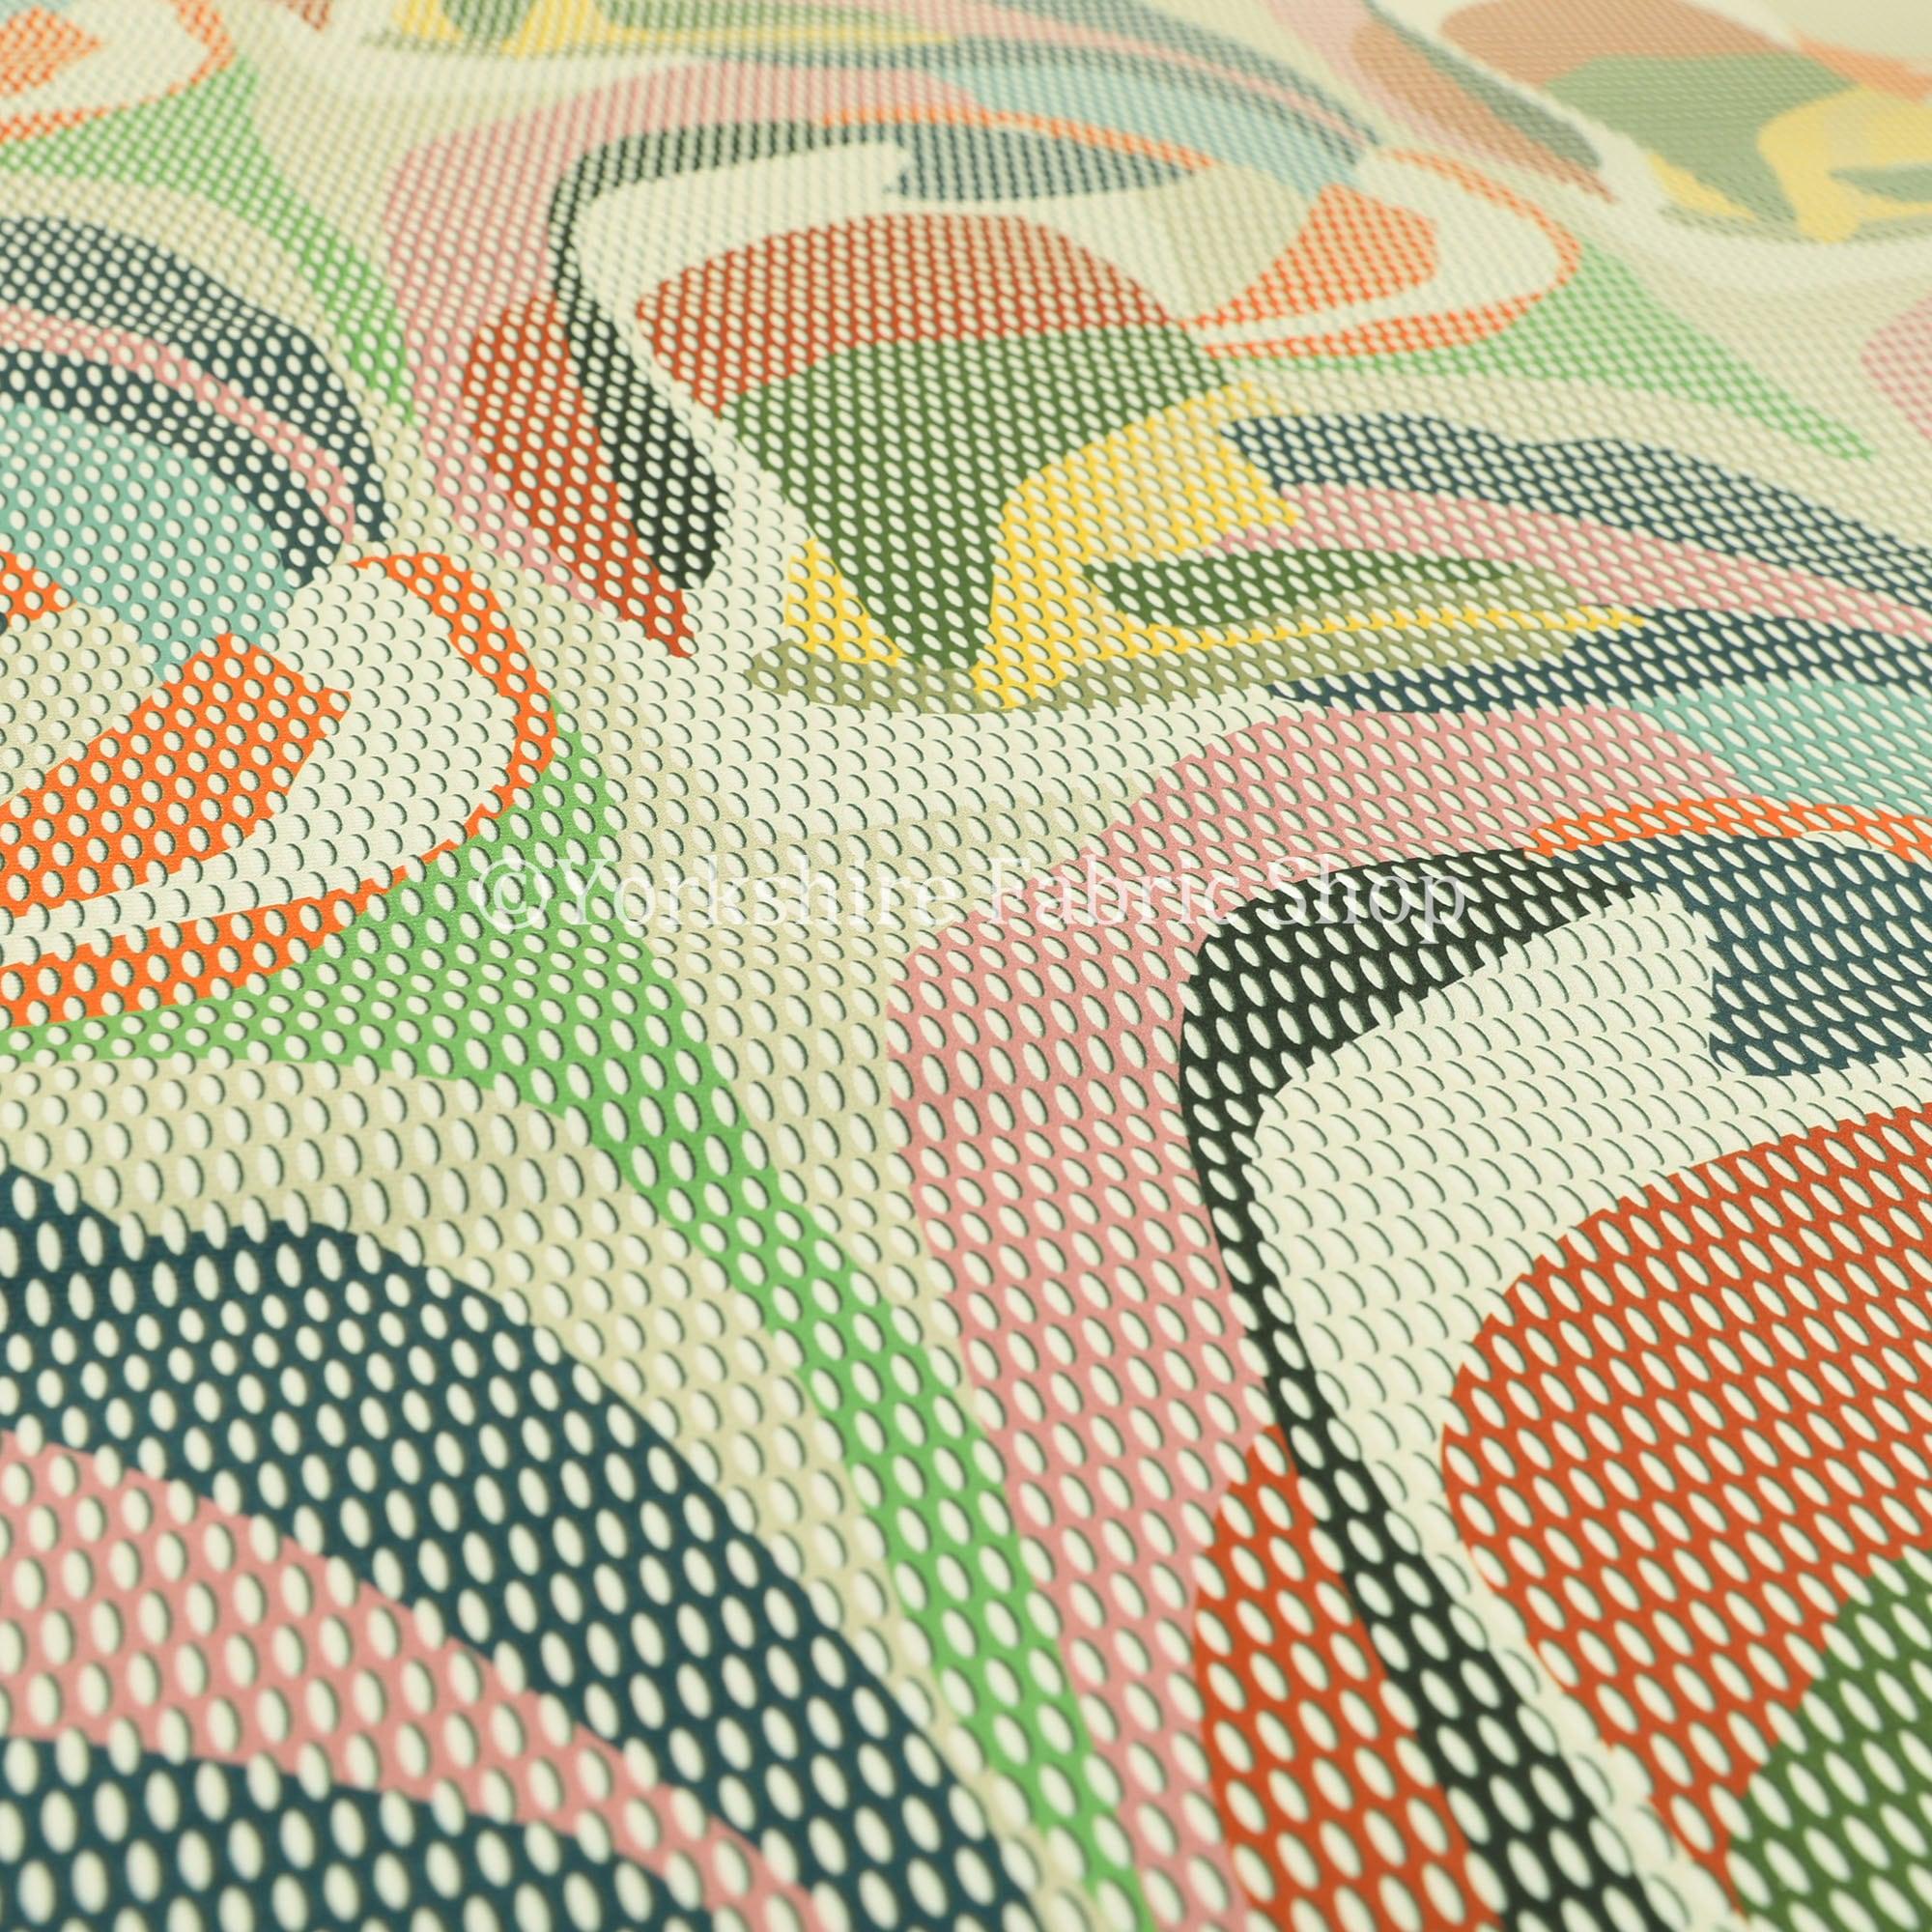 Nouveau colorés géométriques abstraites impression impression impression velours velours Rideau tissus d'ameublement - vendus par le tissu de longueur de 10 mètres 29bee8